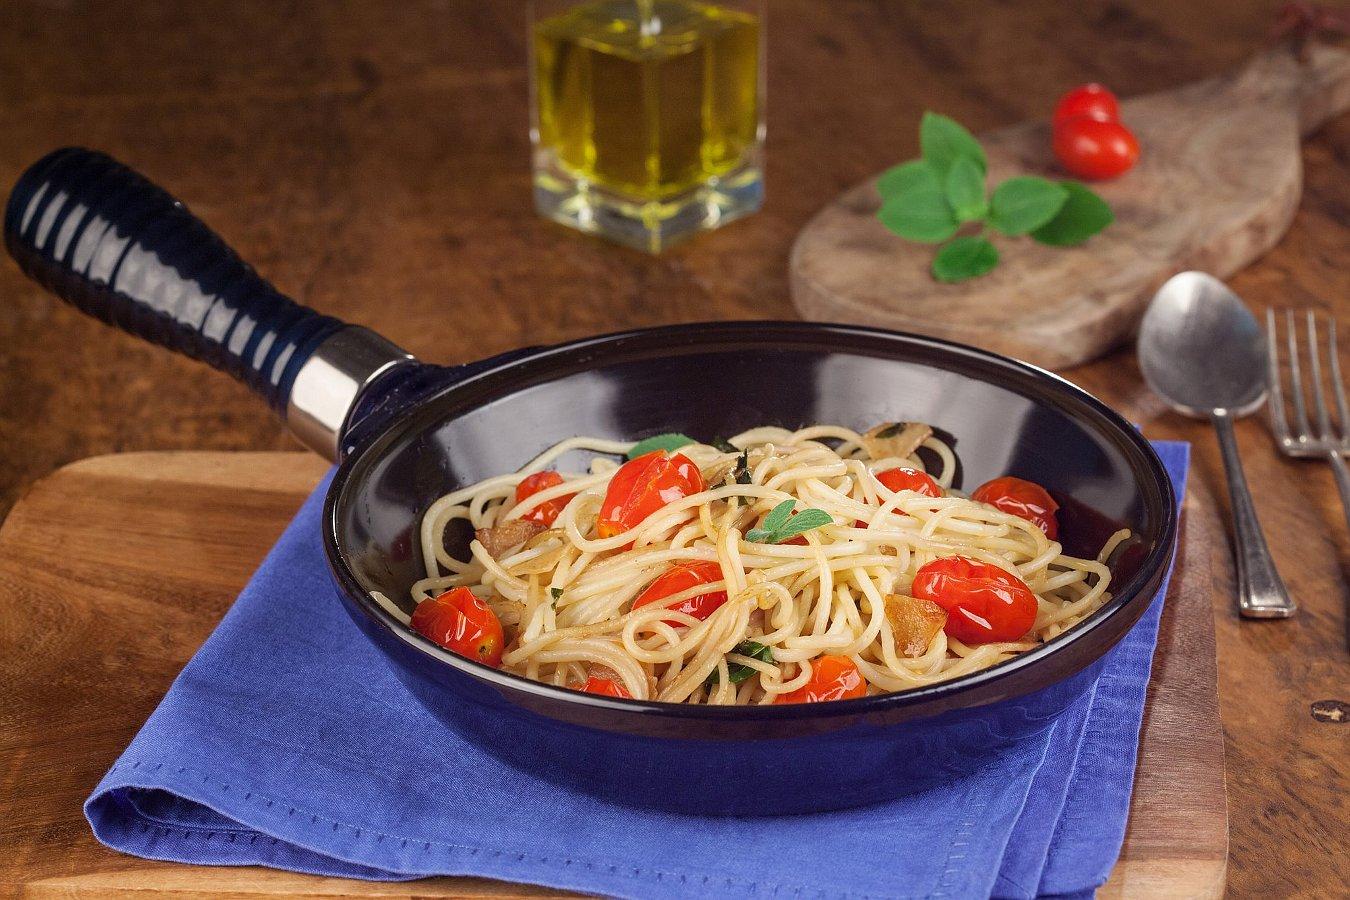 Керамическая сковорода от Ceraflame с блюдом из макарон